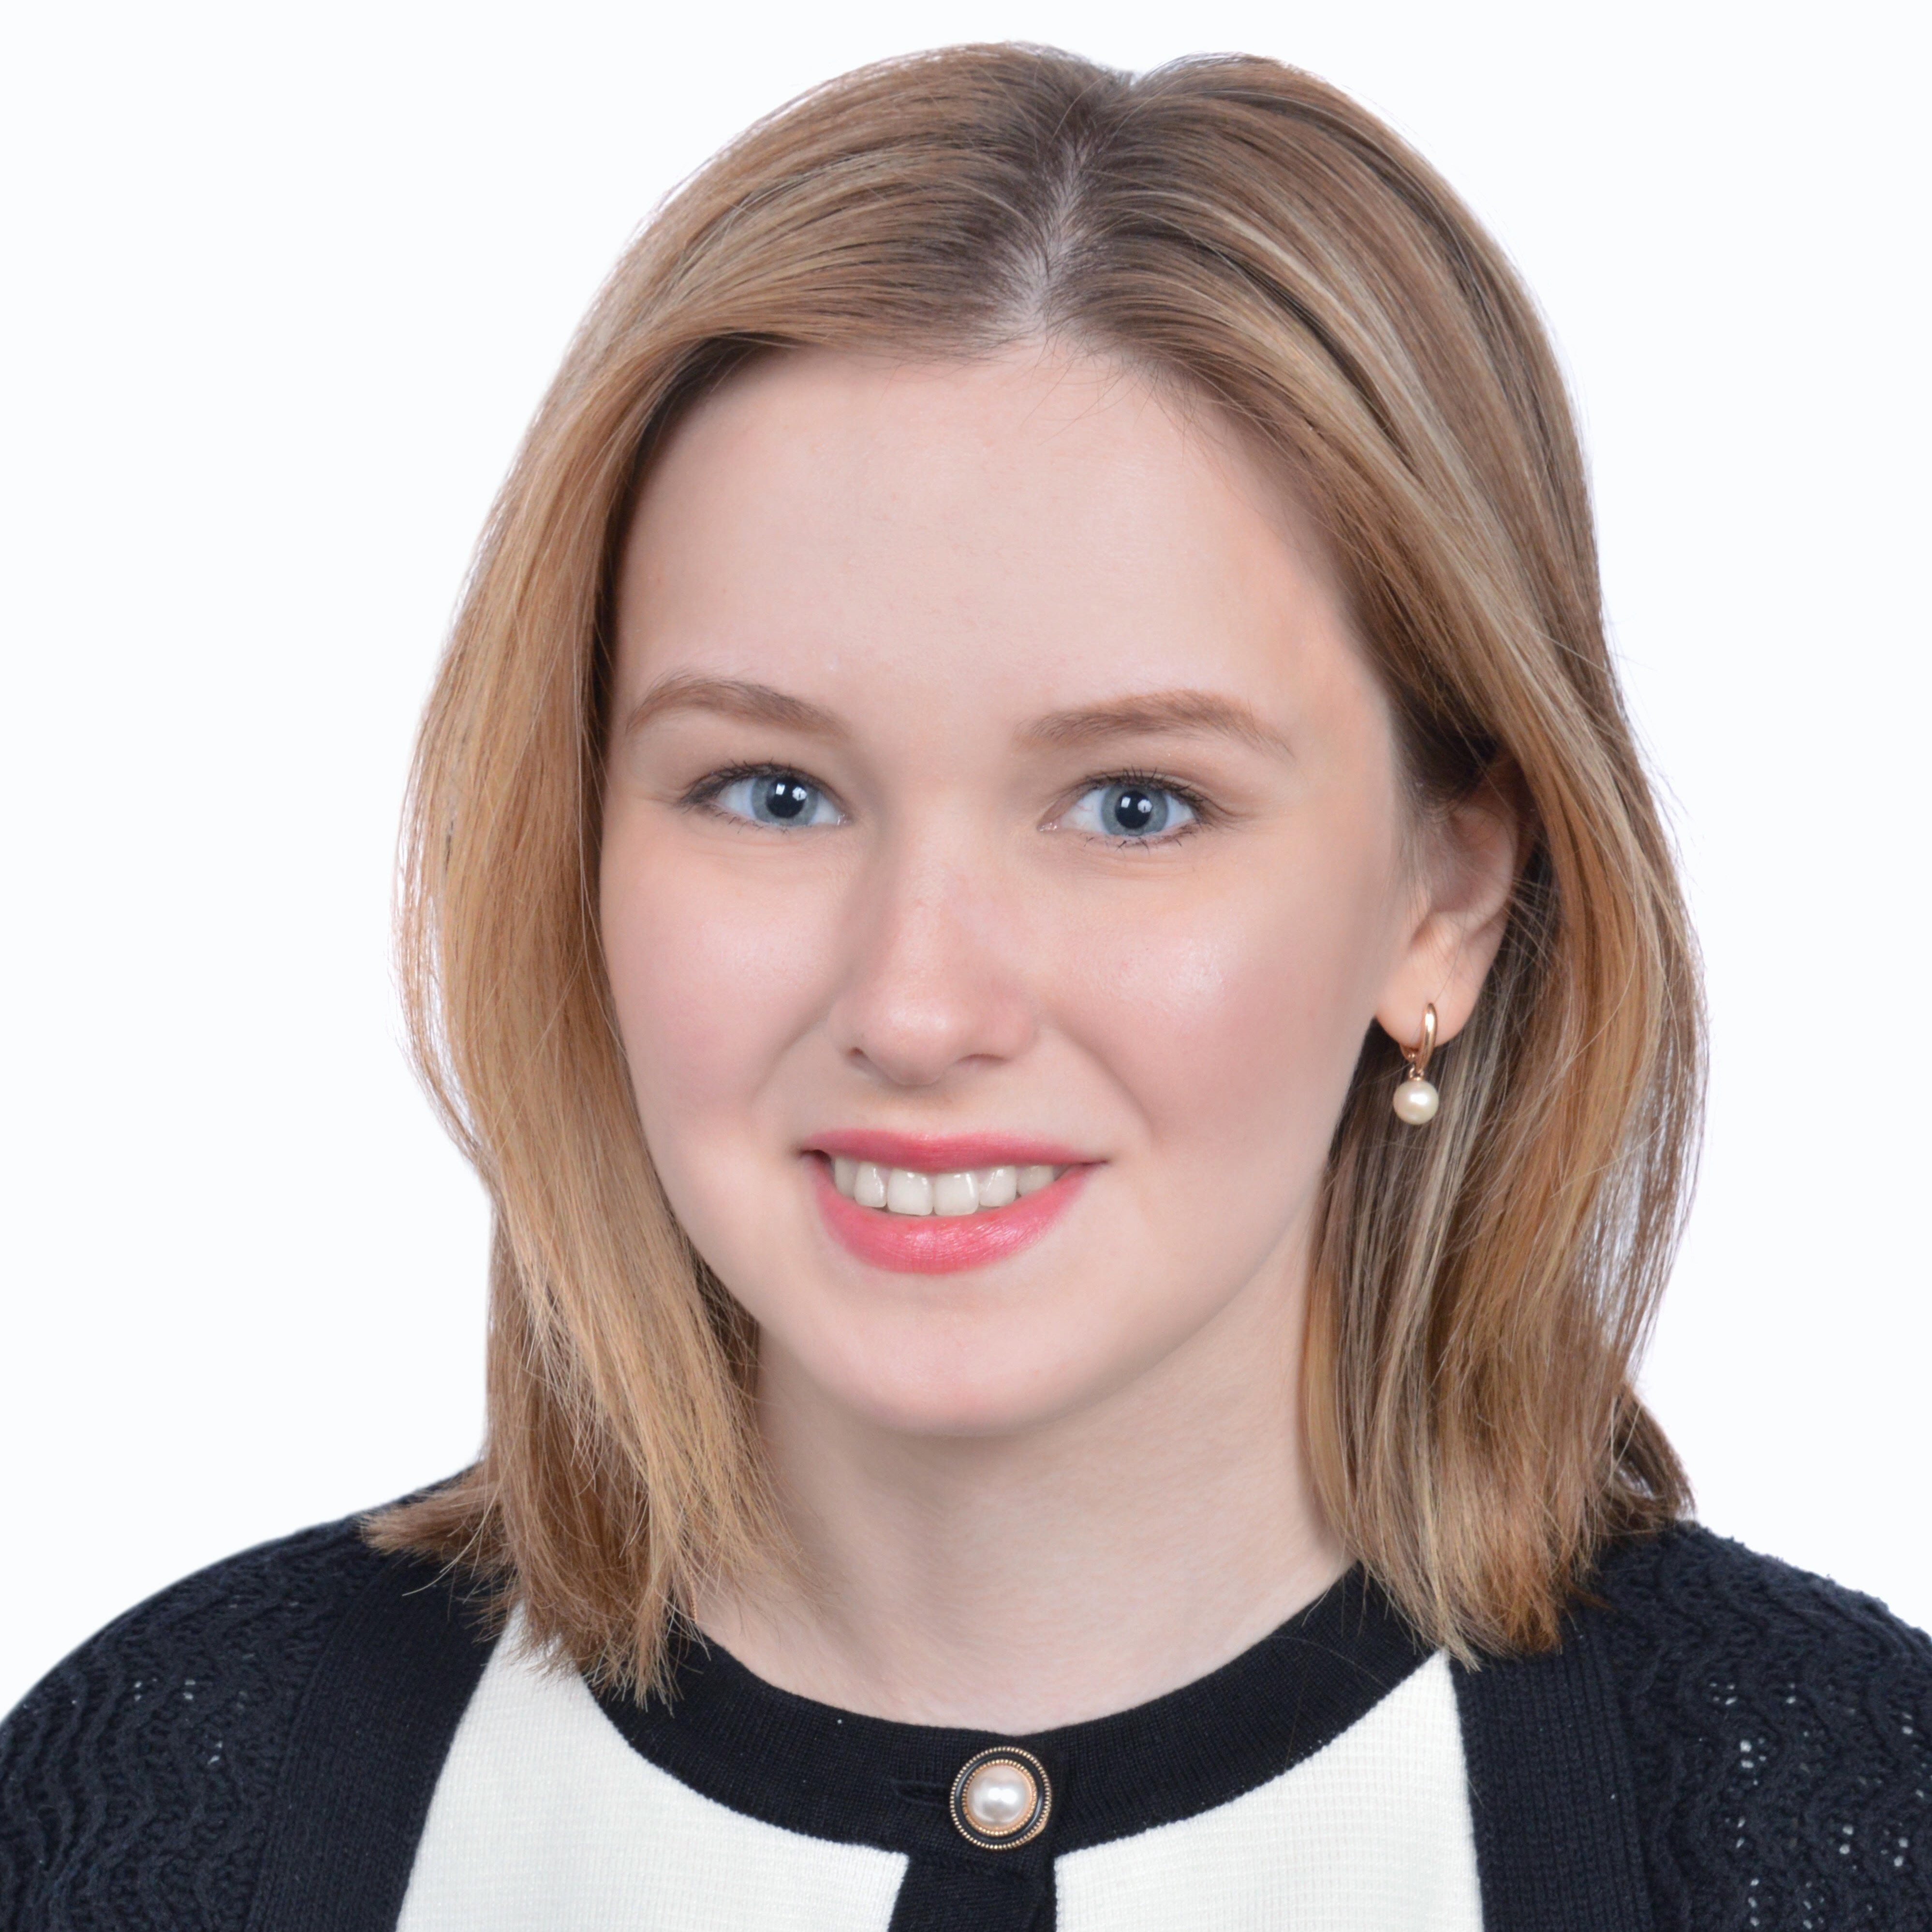 Абдрахманова Анастасия Руслановна